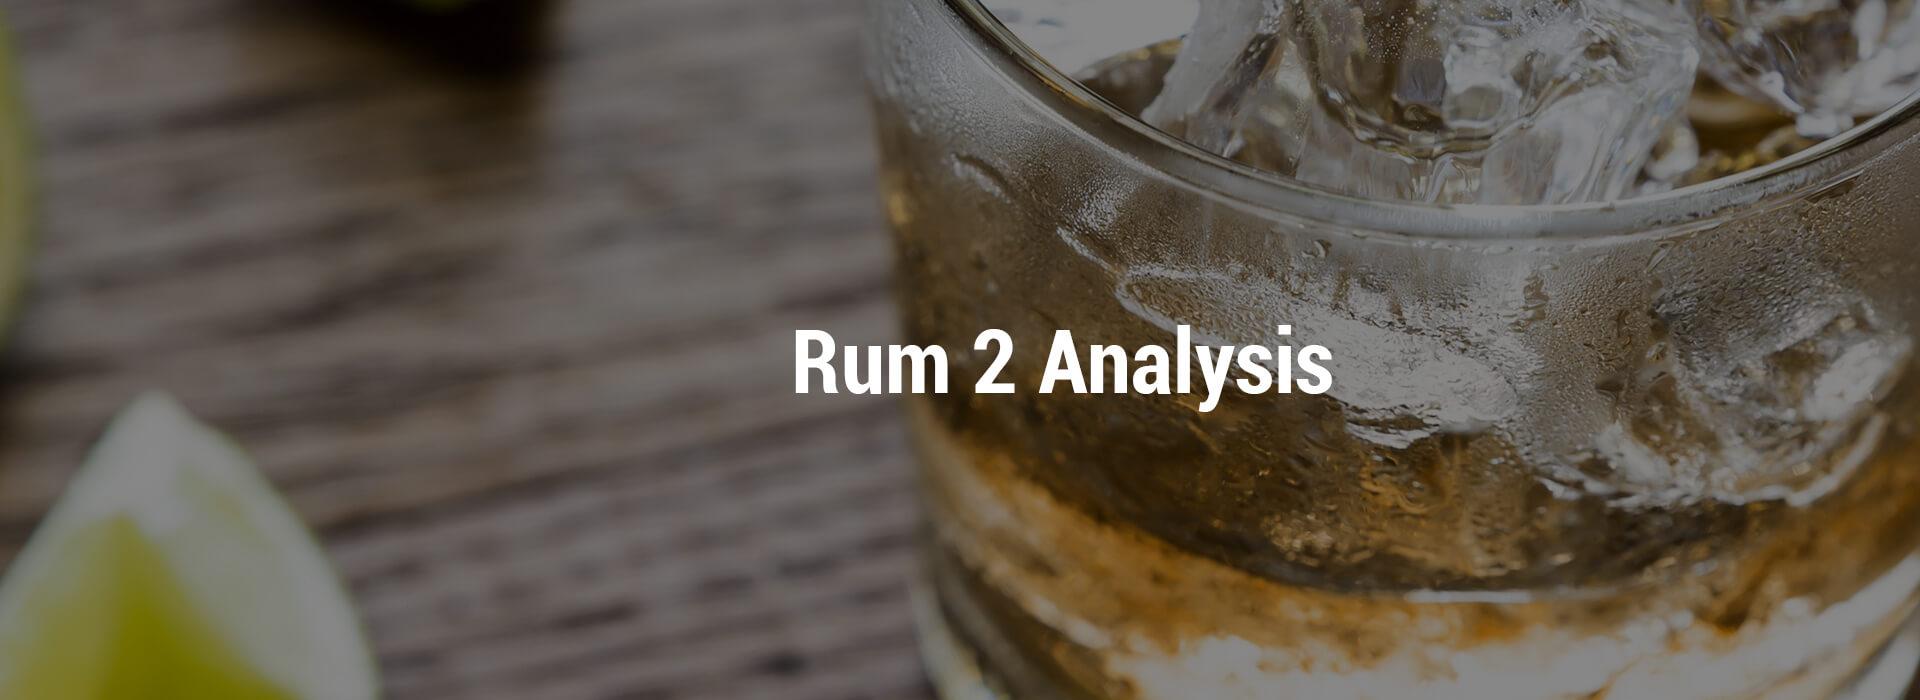 LVHS-Rum-2-header